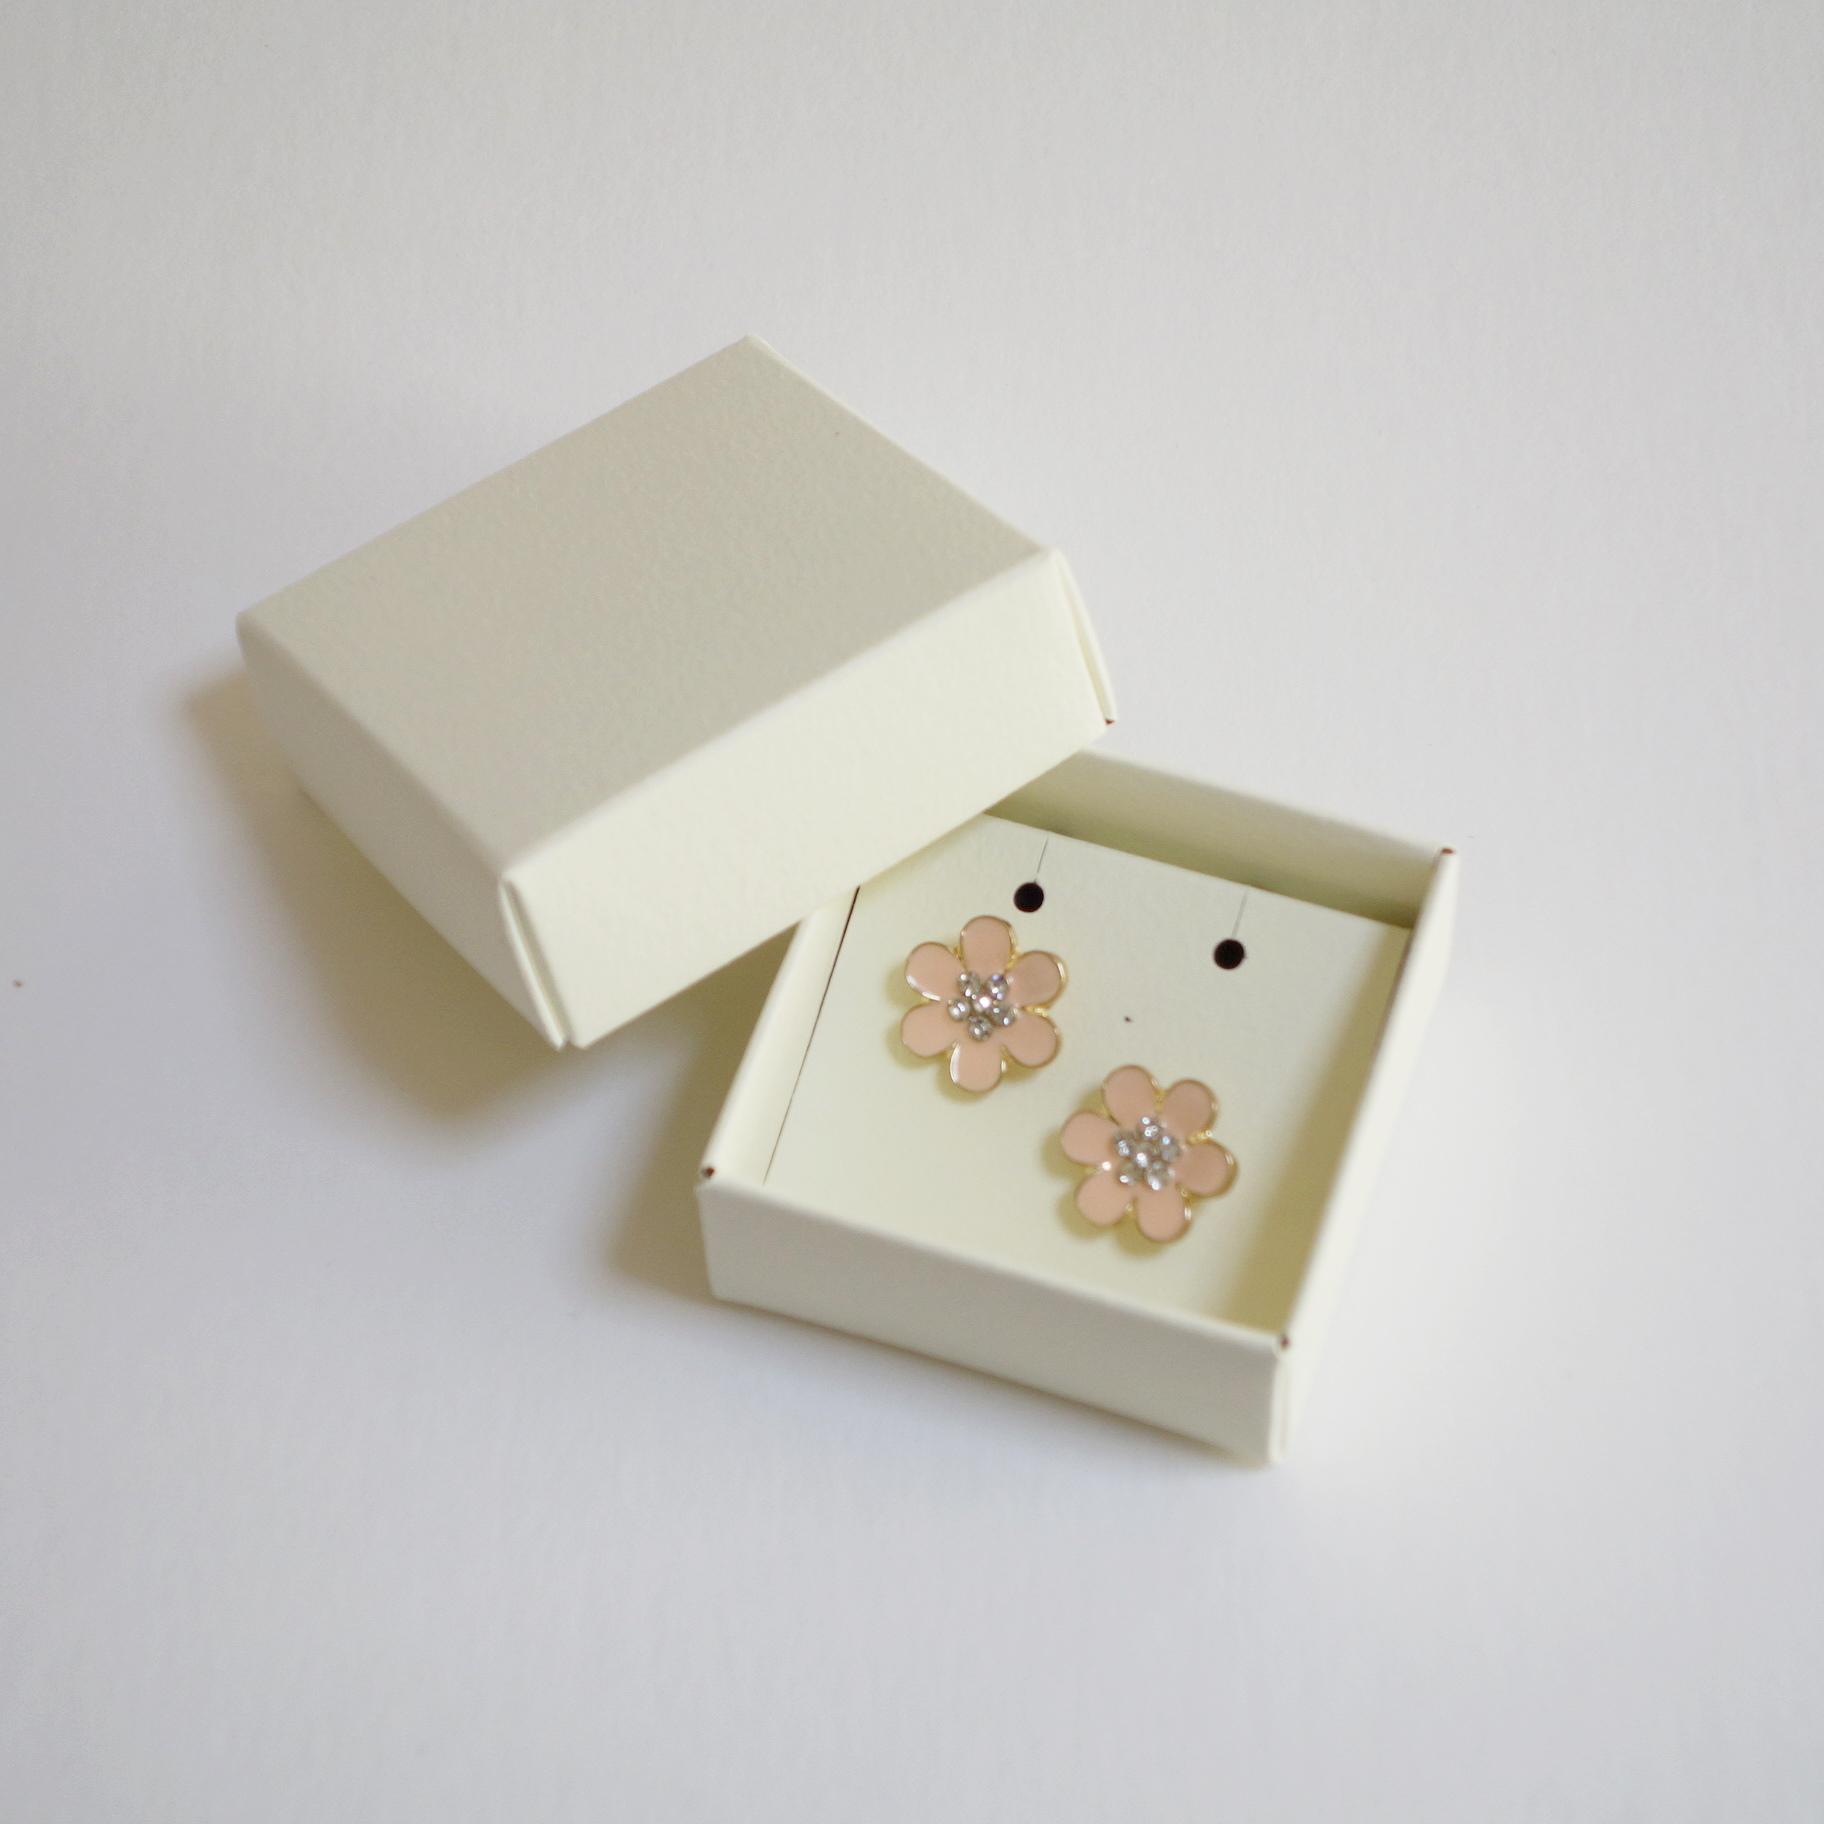 小さな箱 2個セット ふたと身箱タイプ アクセサリー用台紙付き